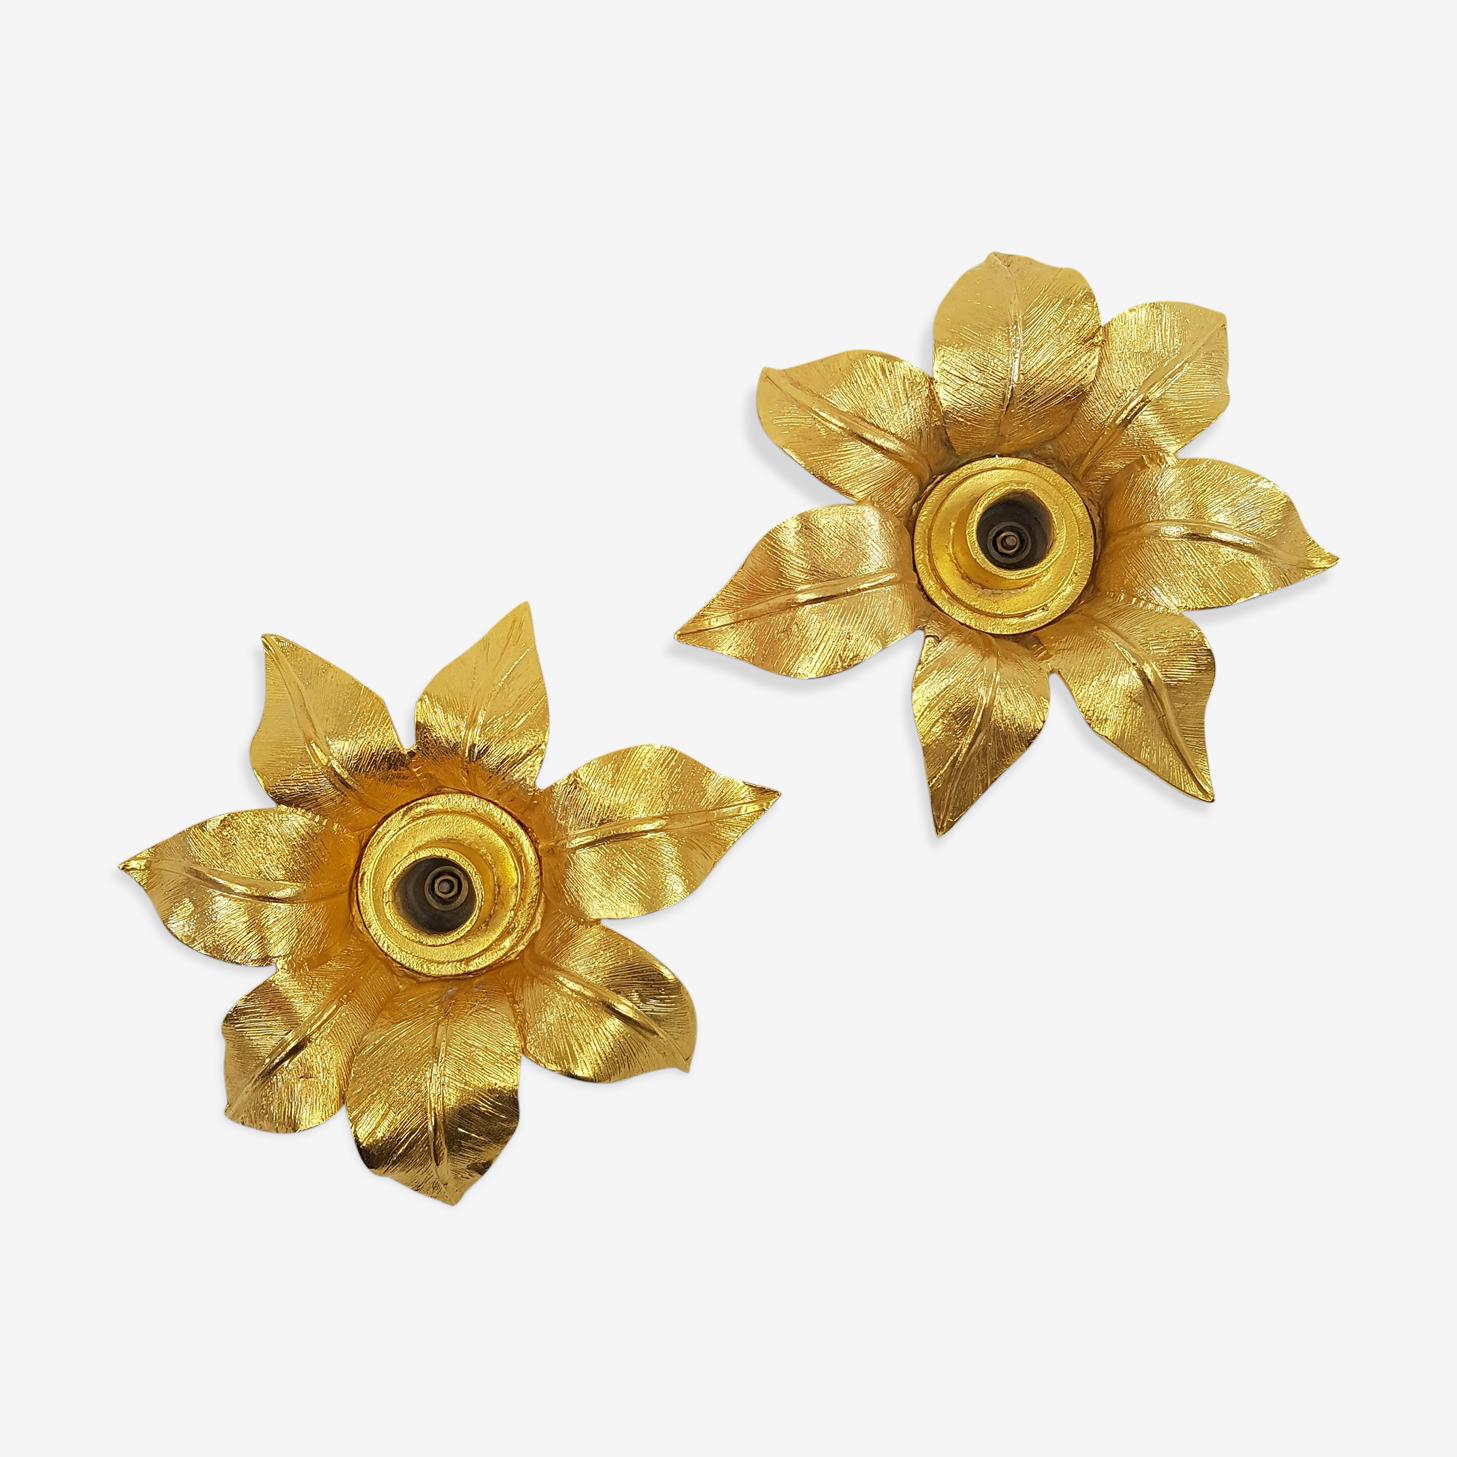 Pair of candlesticks golden flower Les Collectionnables de Berger